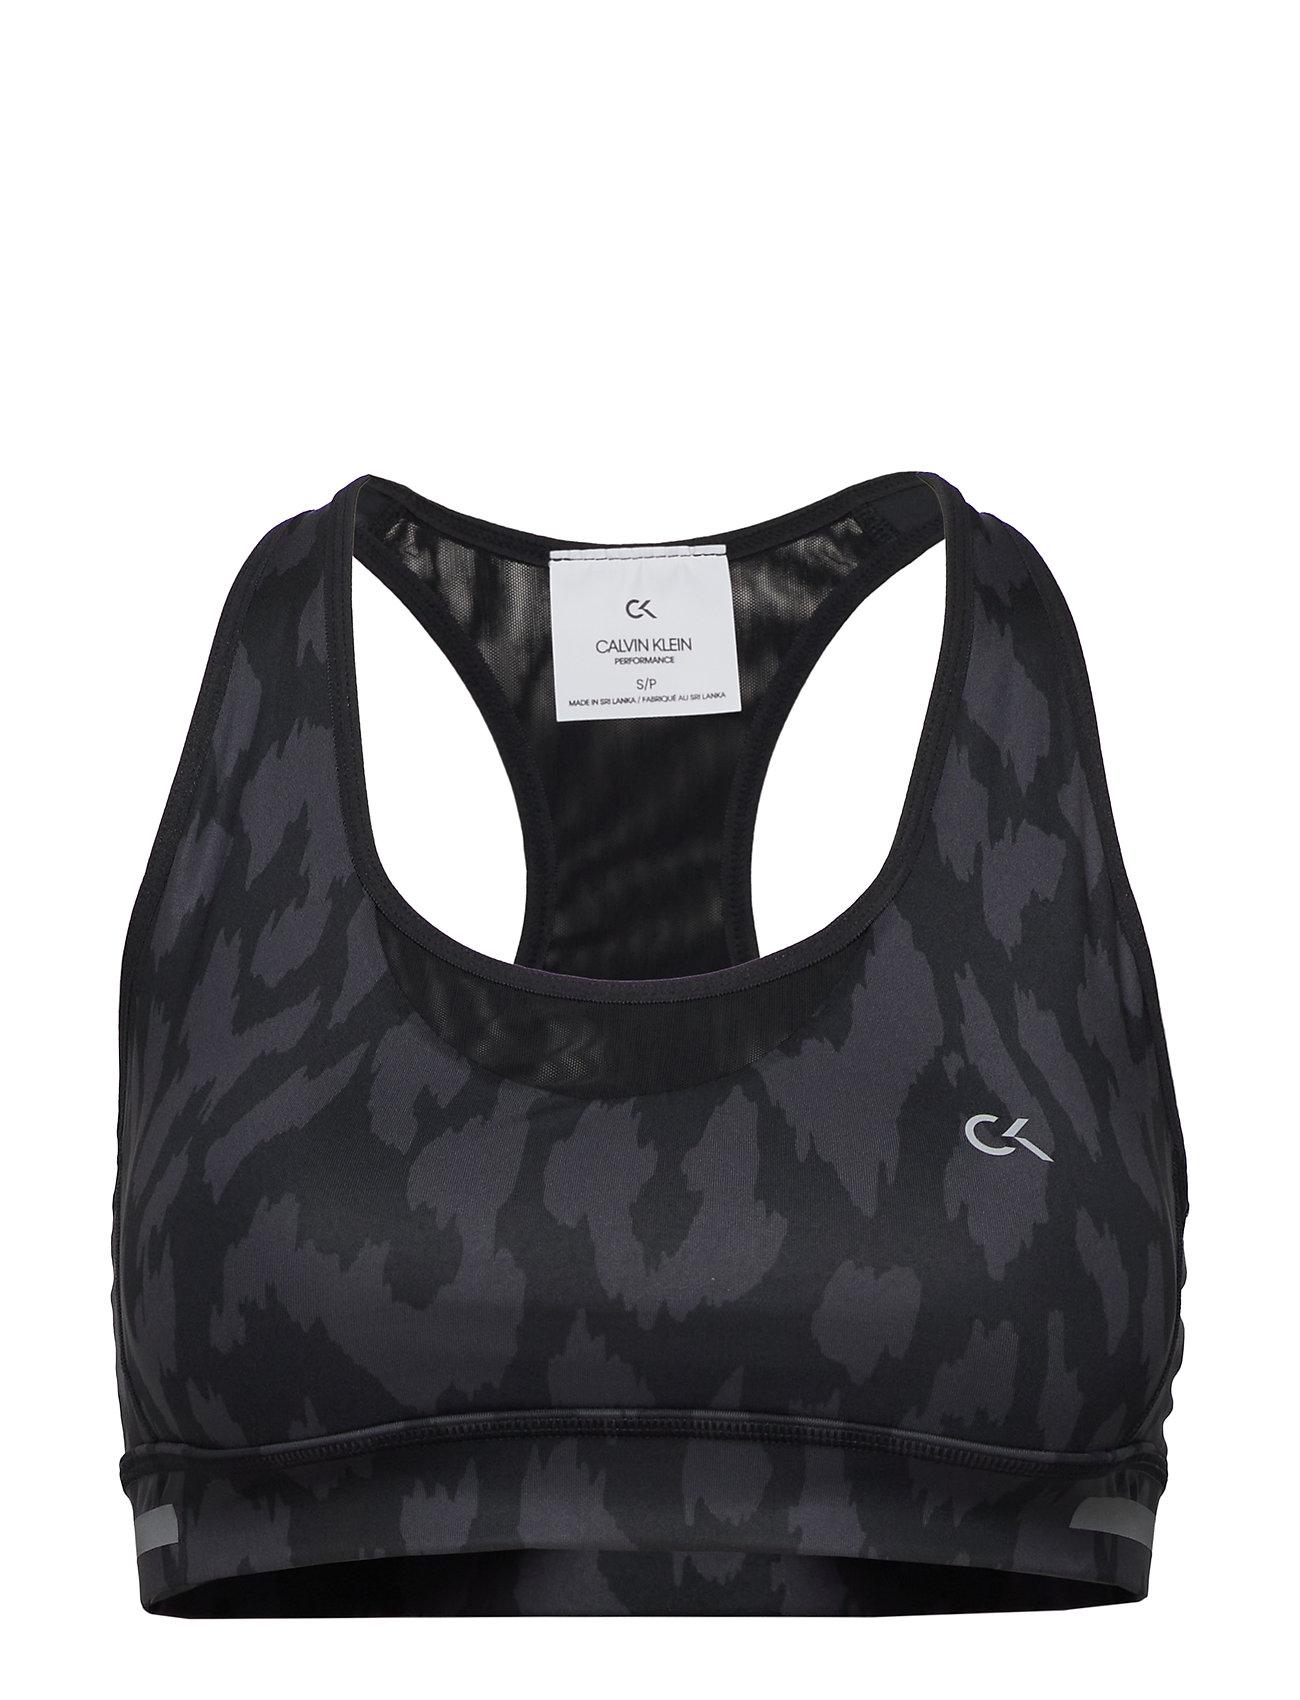 Calvin Klein Performance MEDIUM SUPPORT SPORTS BRA - CK BLACK